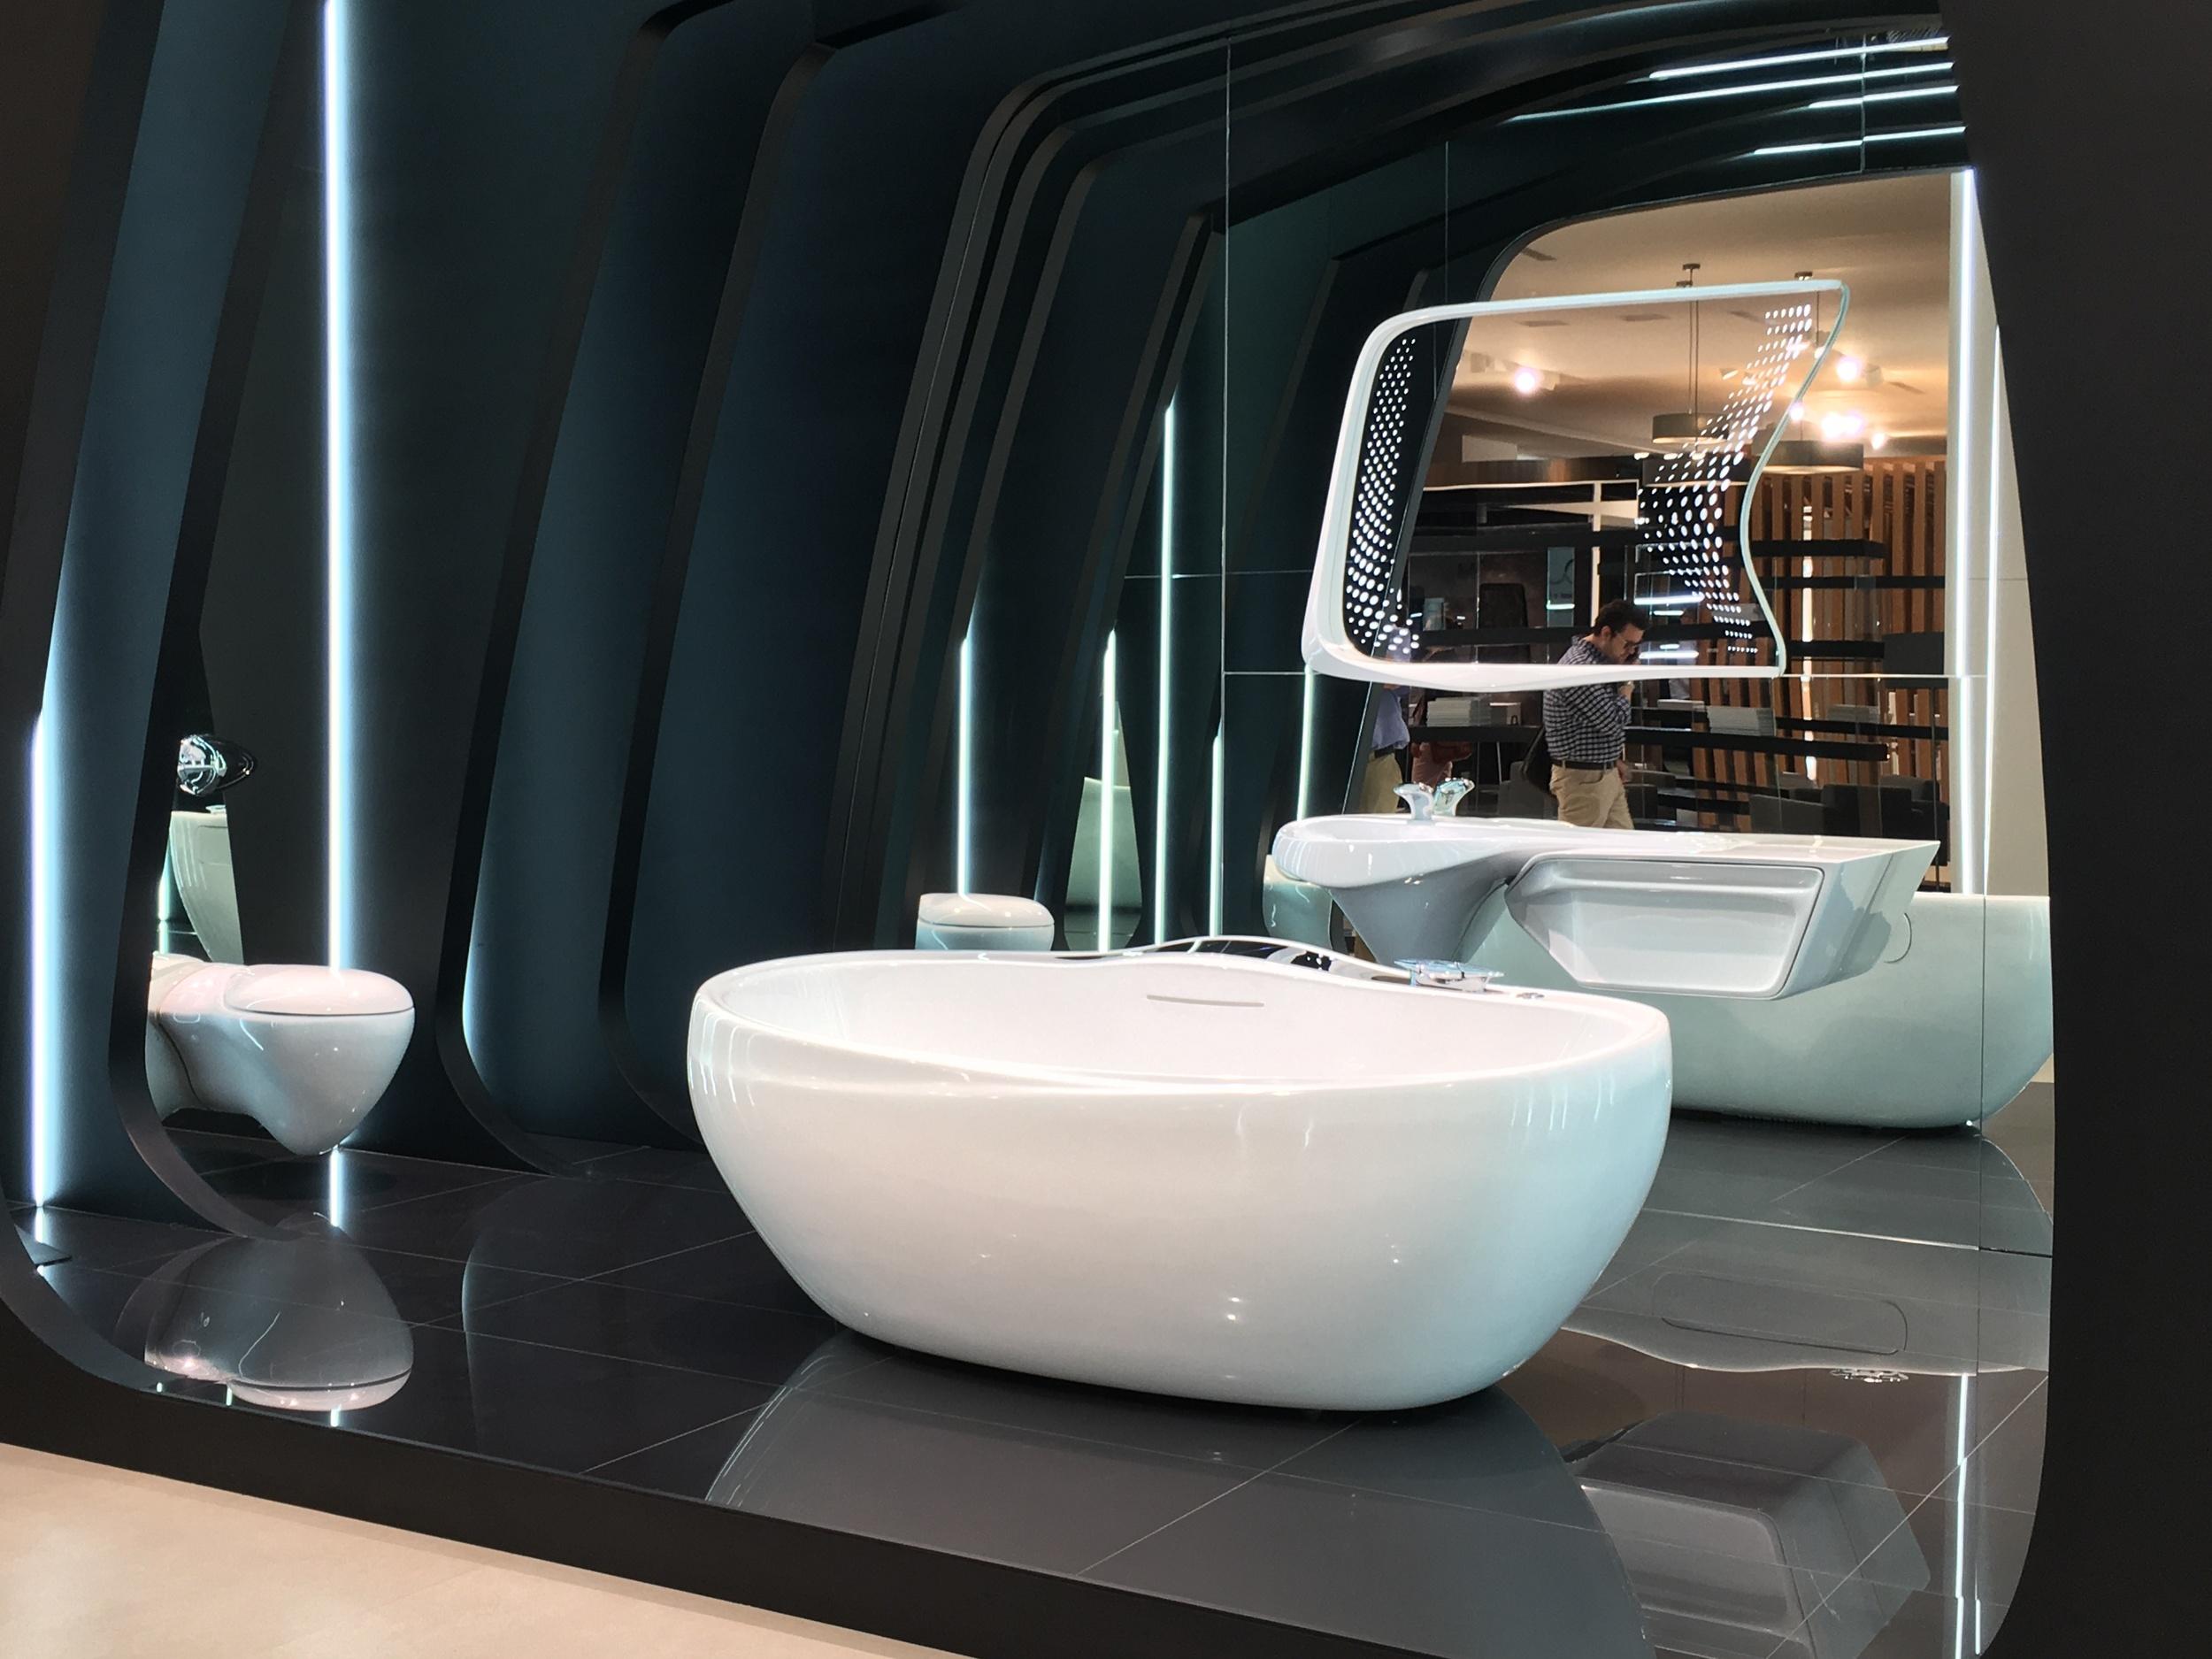 Zaha Hadid Bathroom Suite